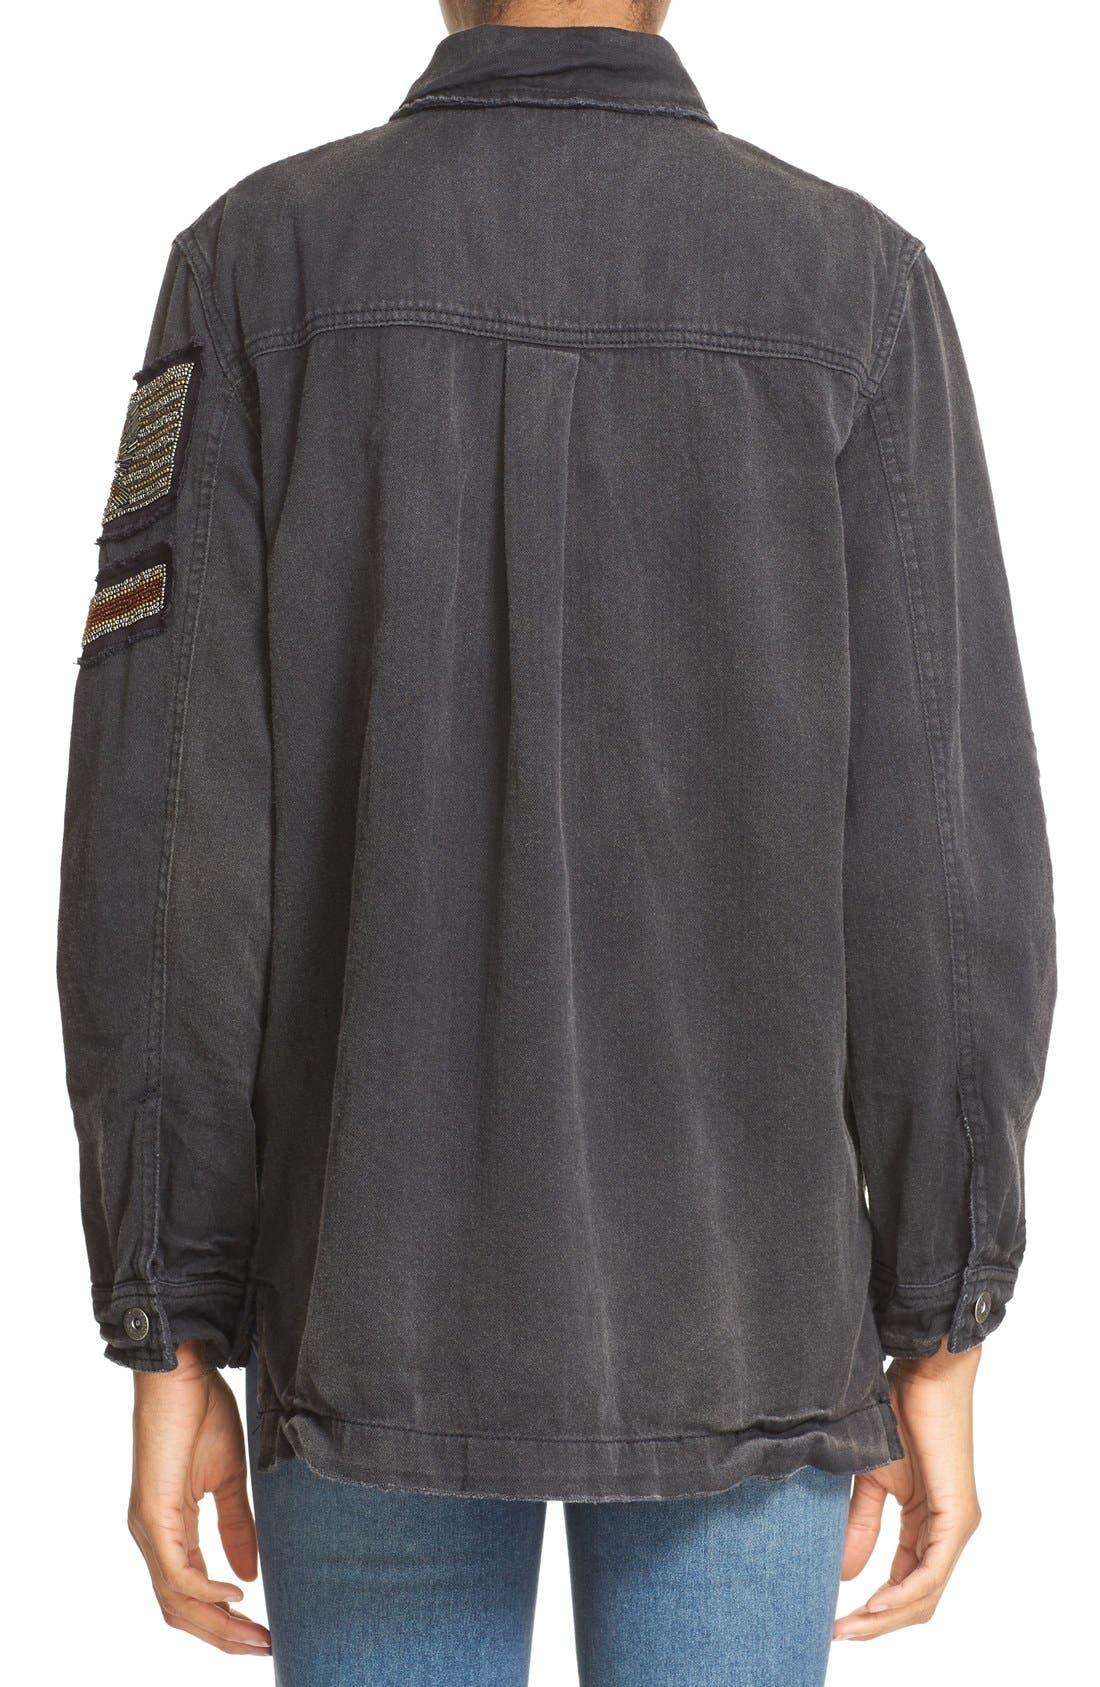 Alternate Image 3  - Free People Embellished Military Shirt Jacket